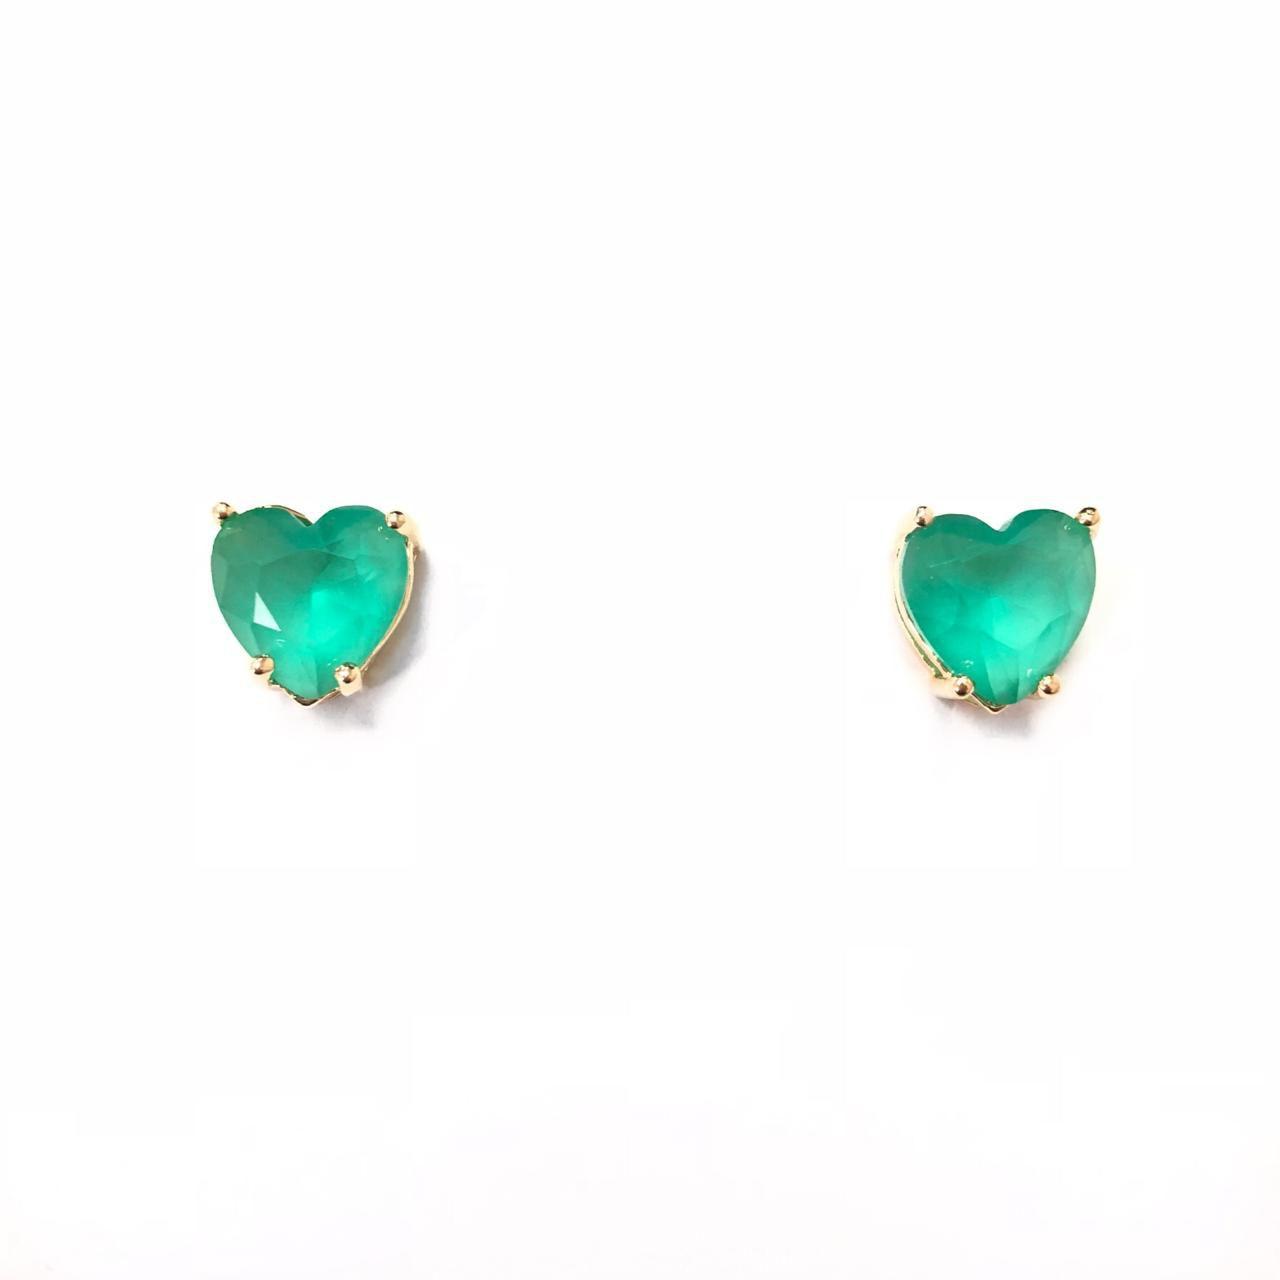 Brinco Coração Verde Banho em Ouro 18k